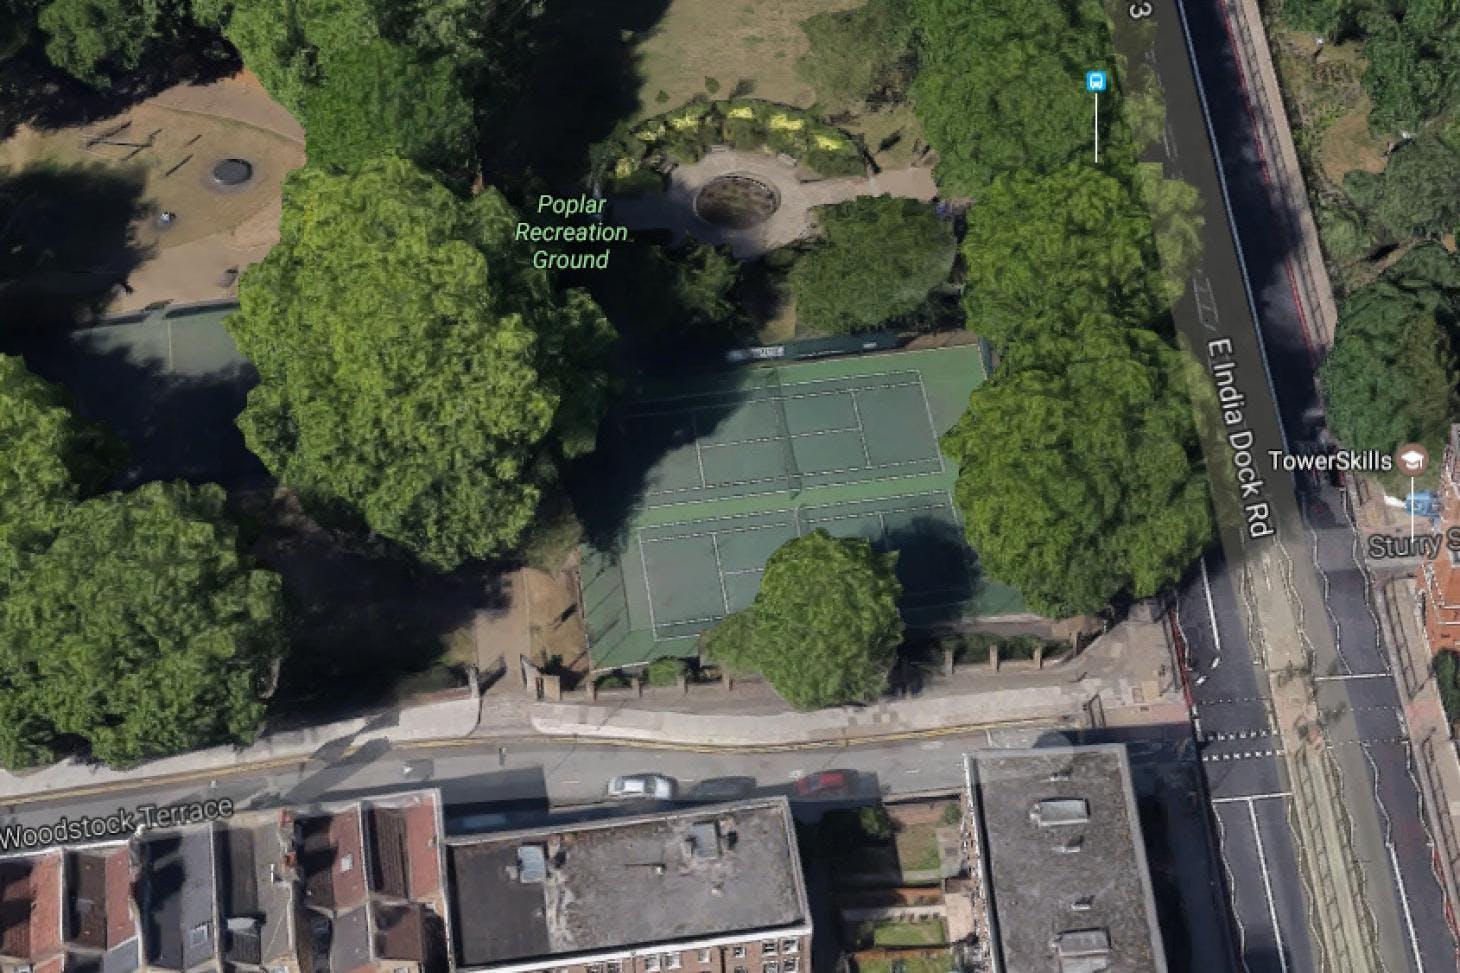 Poplar Recreation Ground Outdoor | Hard (macadam) tennis court